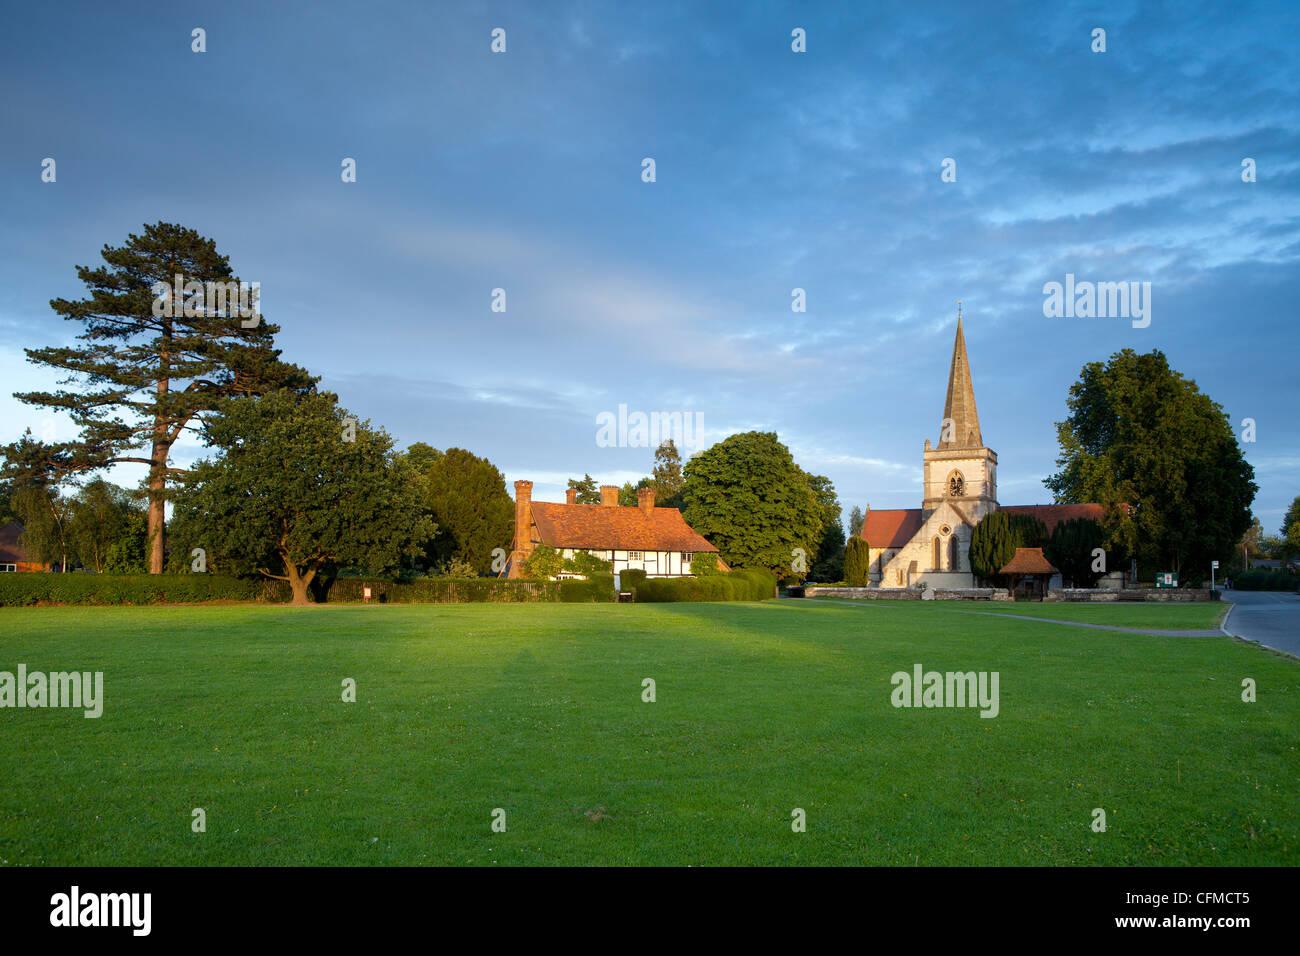 Village Green et de l'église, Headley, collines du Surrey, Surrey, Angleterre, Royaume-Uni, Europe Banque D'Images